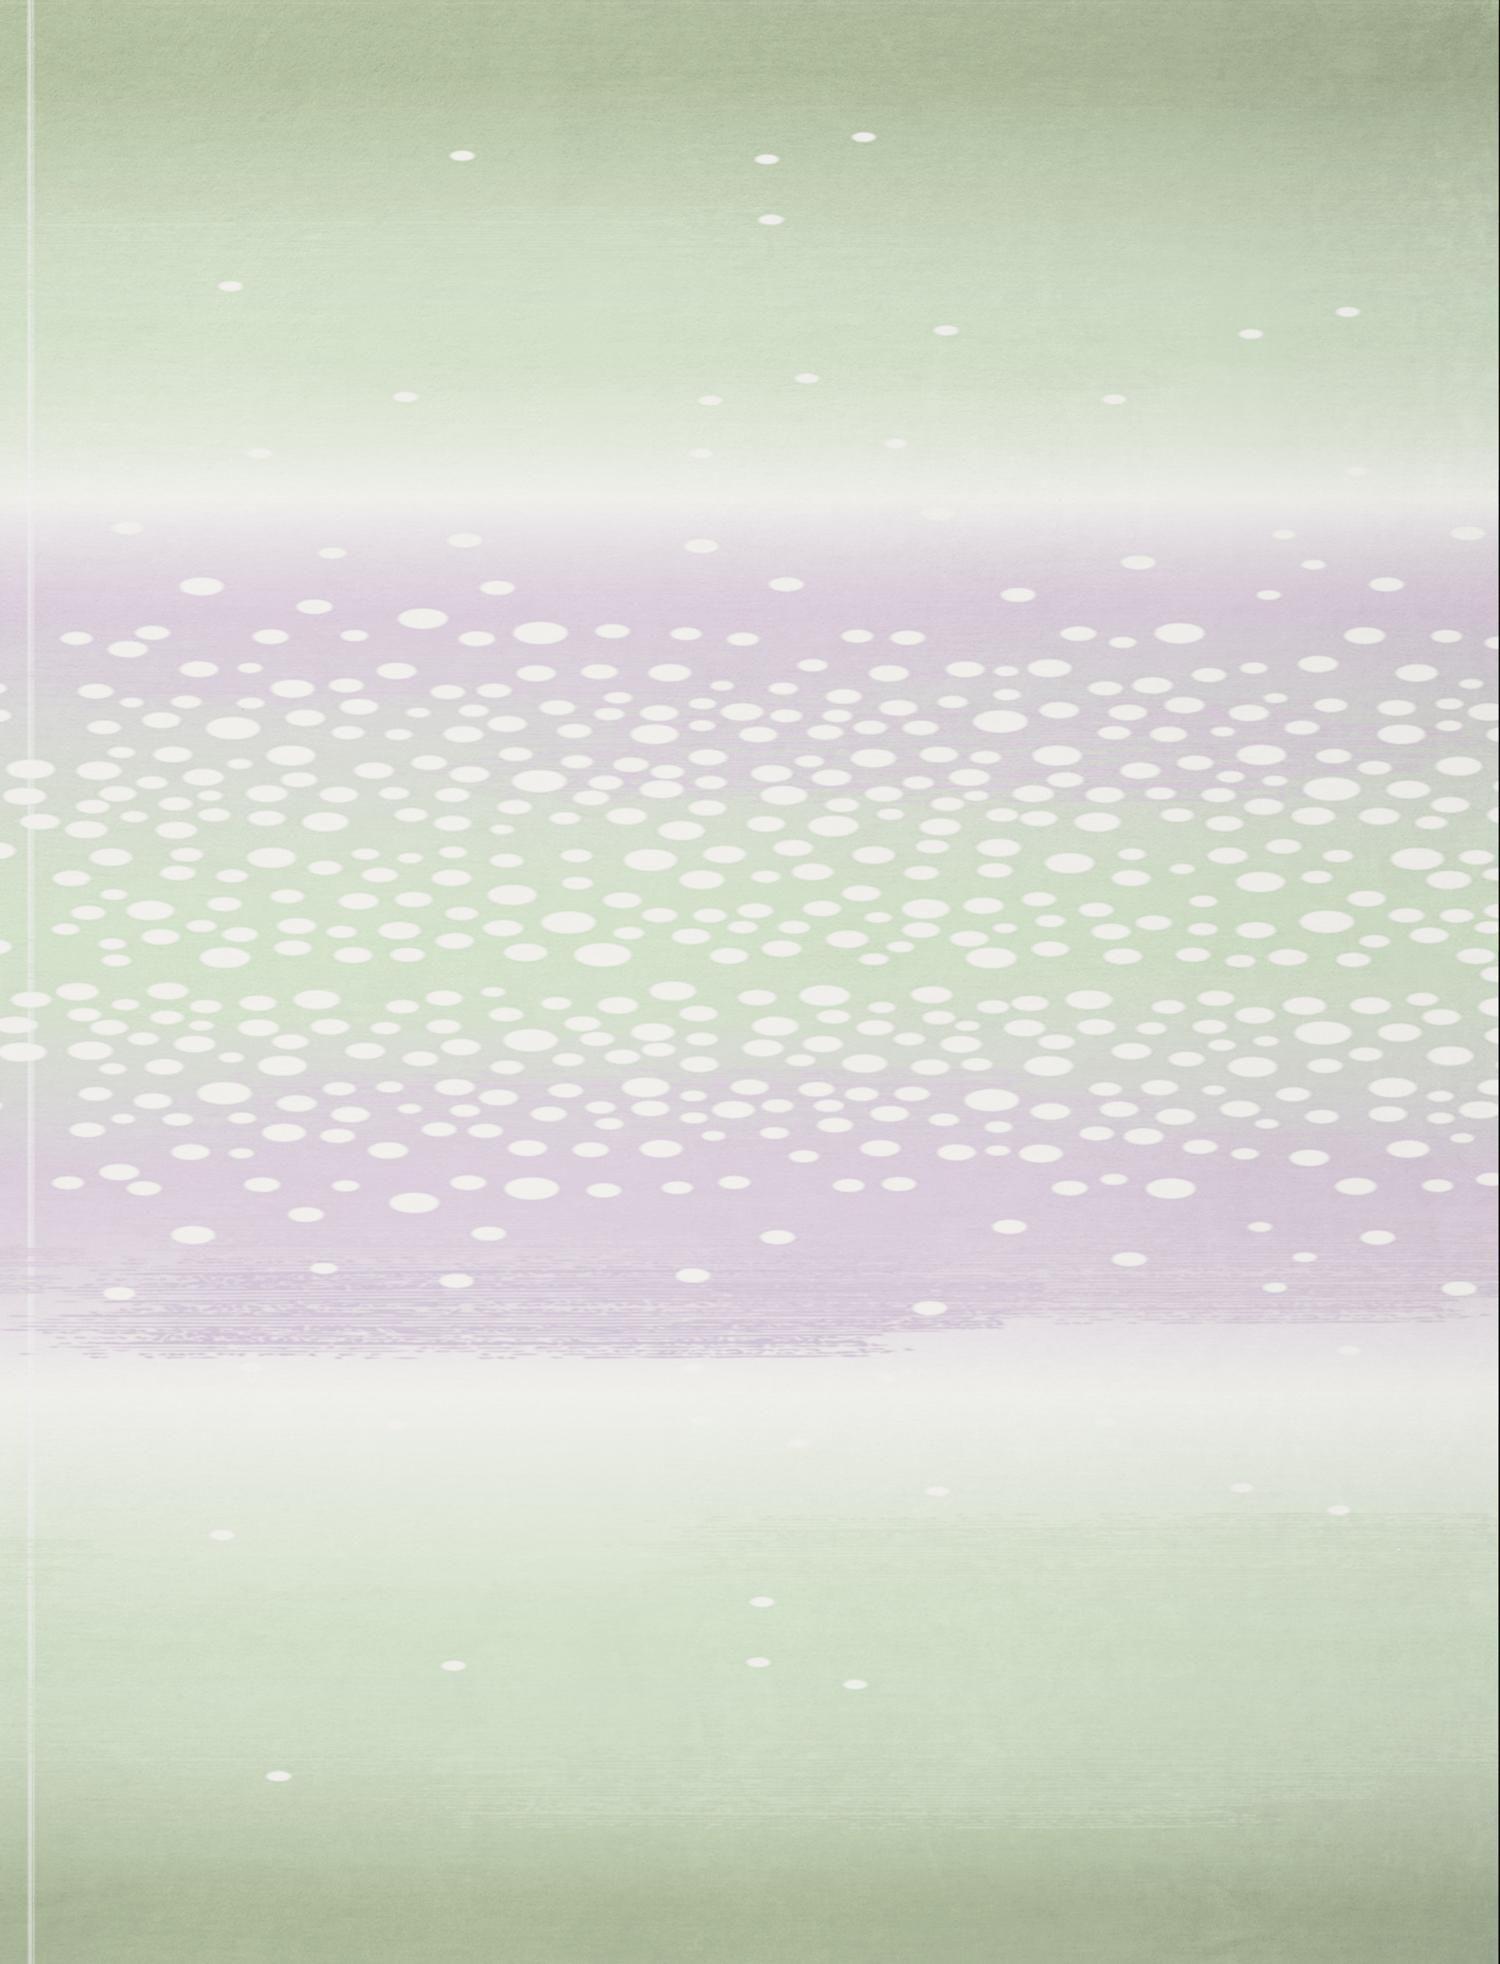 BIEDERLACK Wohndecke, Biederlack, »Blütenzauber«, im Sommerlichen Design